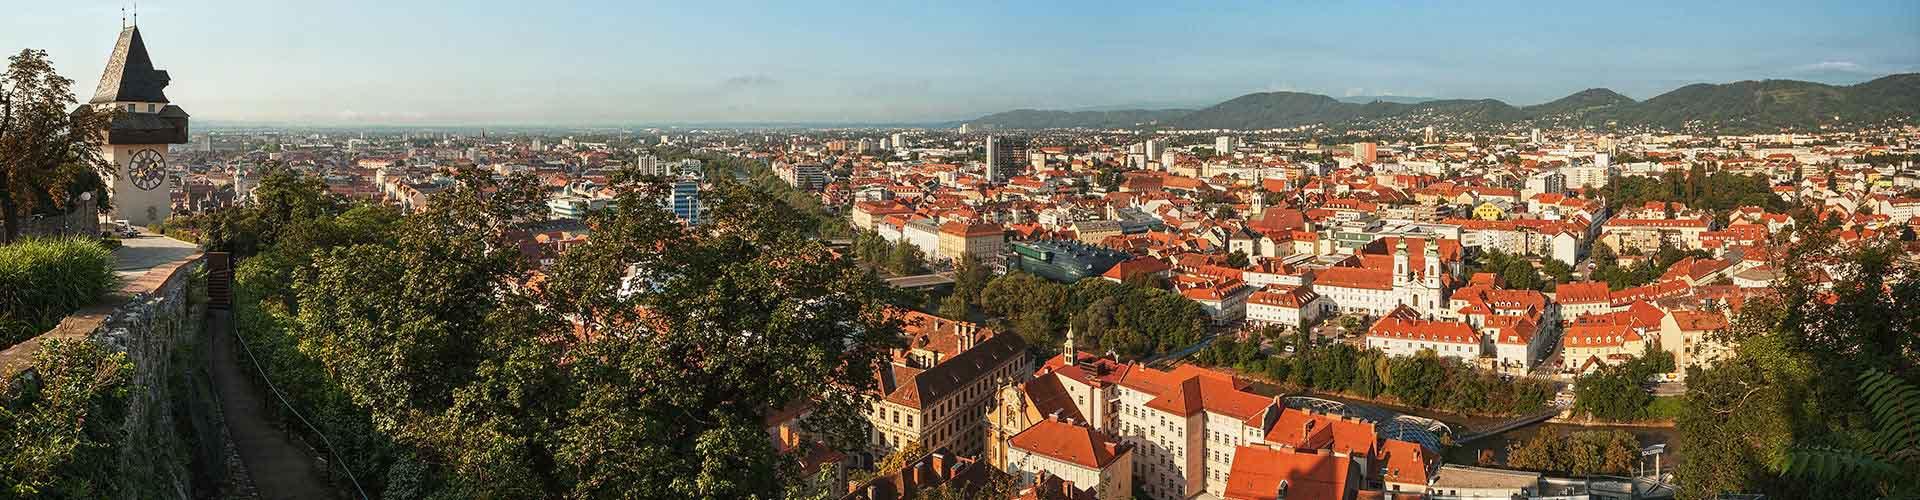 Graz - Apartamentos en Graz. Mapas de Graz, Fotos y comentarios de cada Apartamento en Graz.